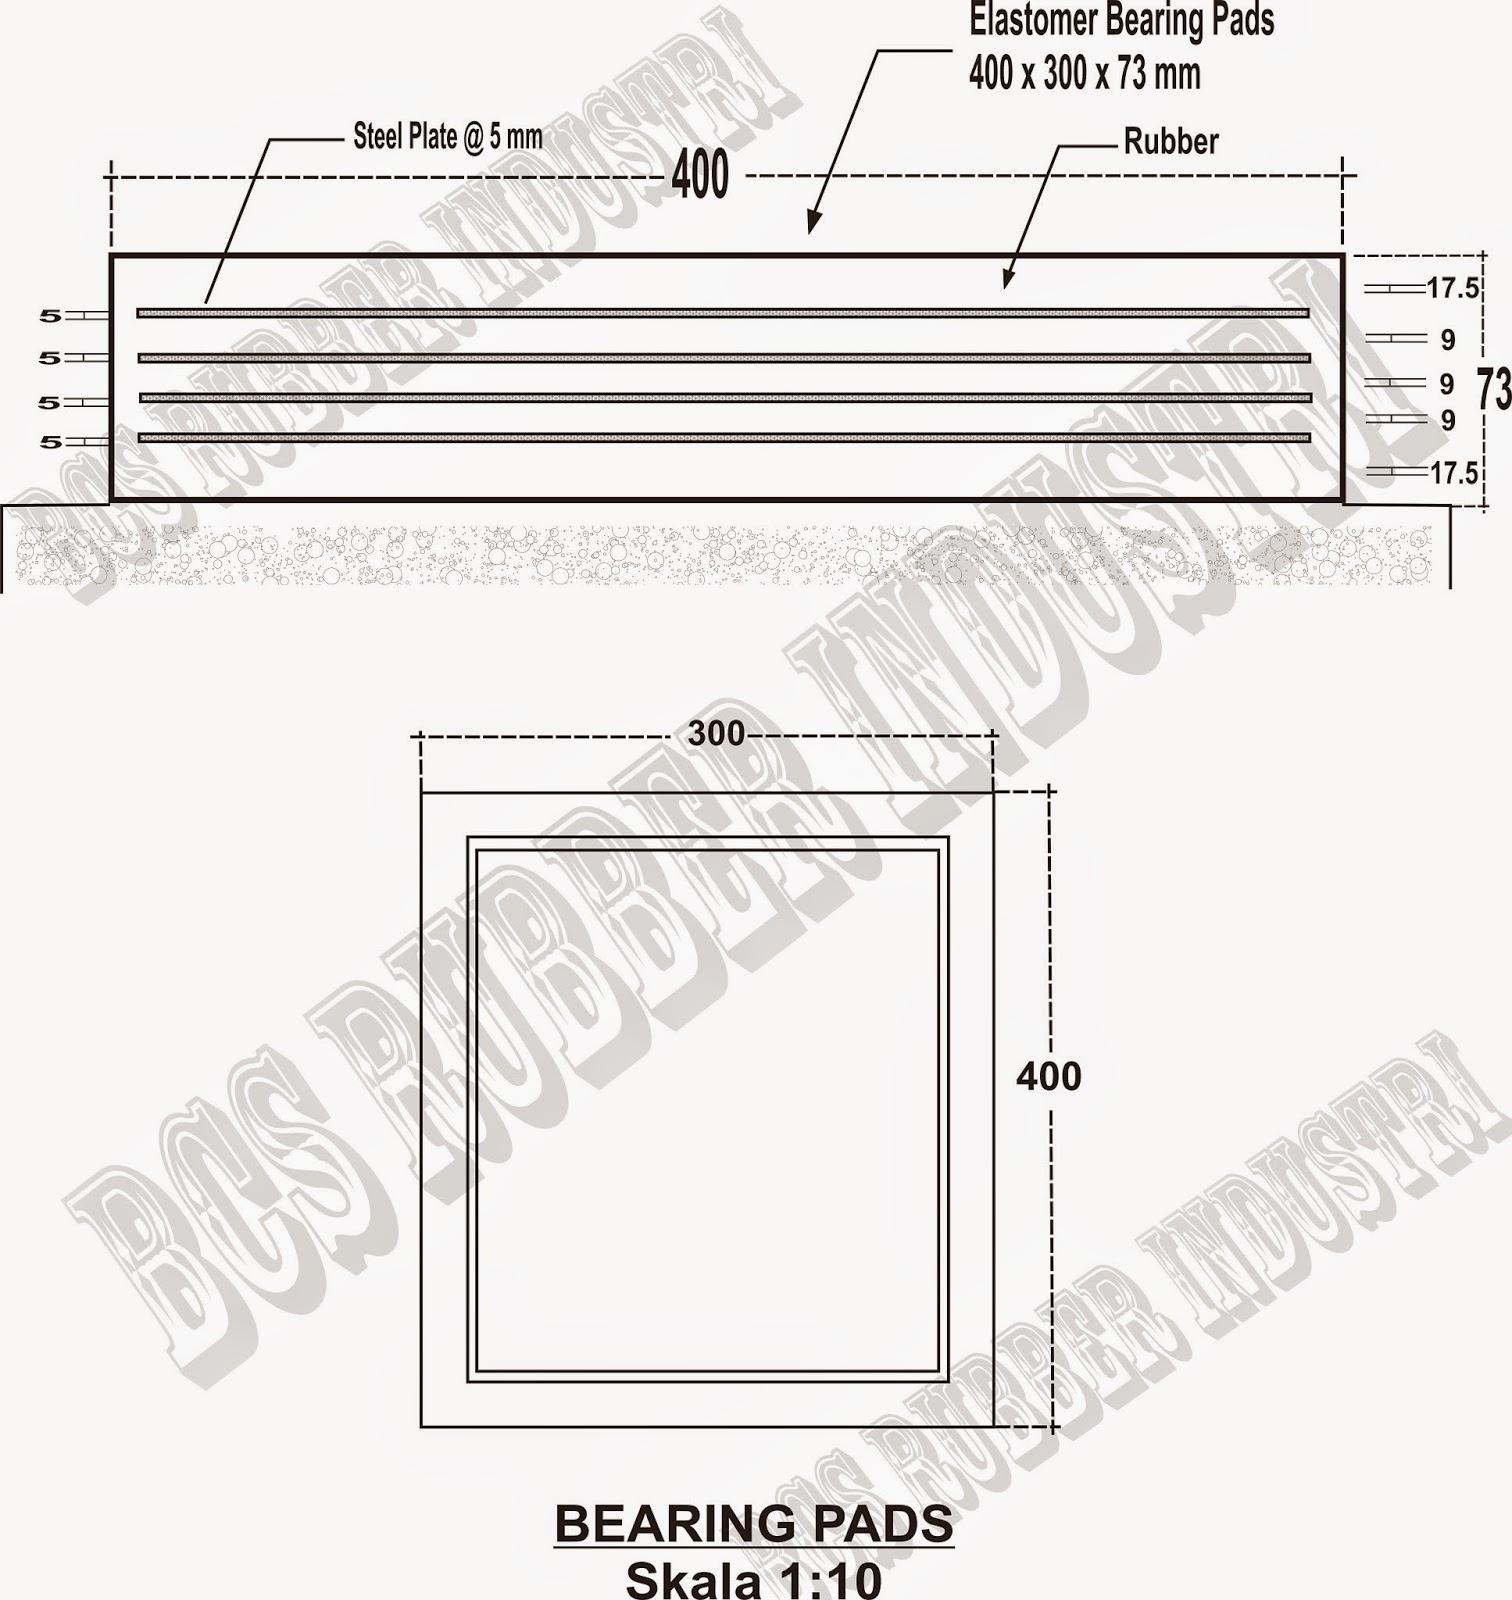 Elastomer Bearing Pads - BCS Rubber Industry,Elastomeric Bearing Pads,Bantalan Jembatan,Karet Bantalan Jembatan,